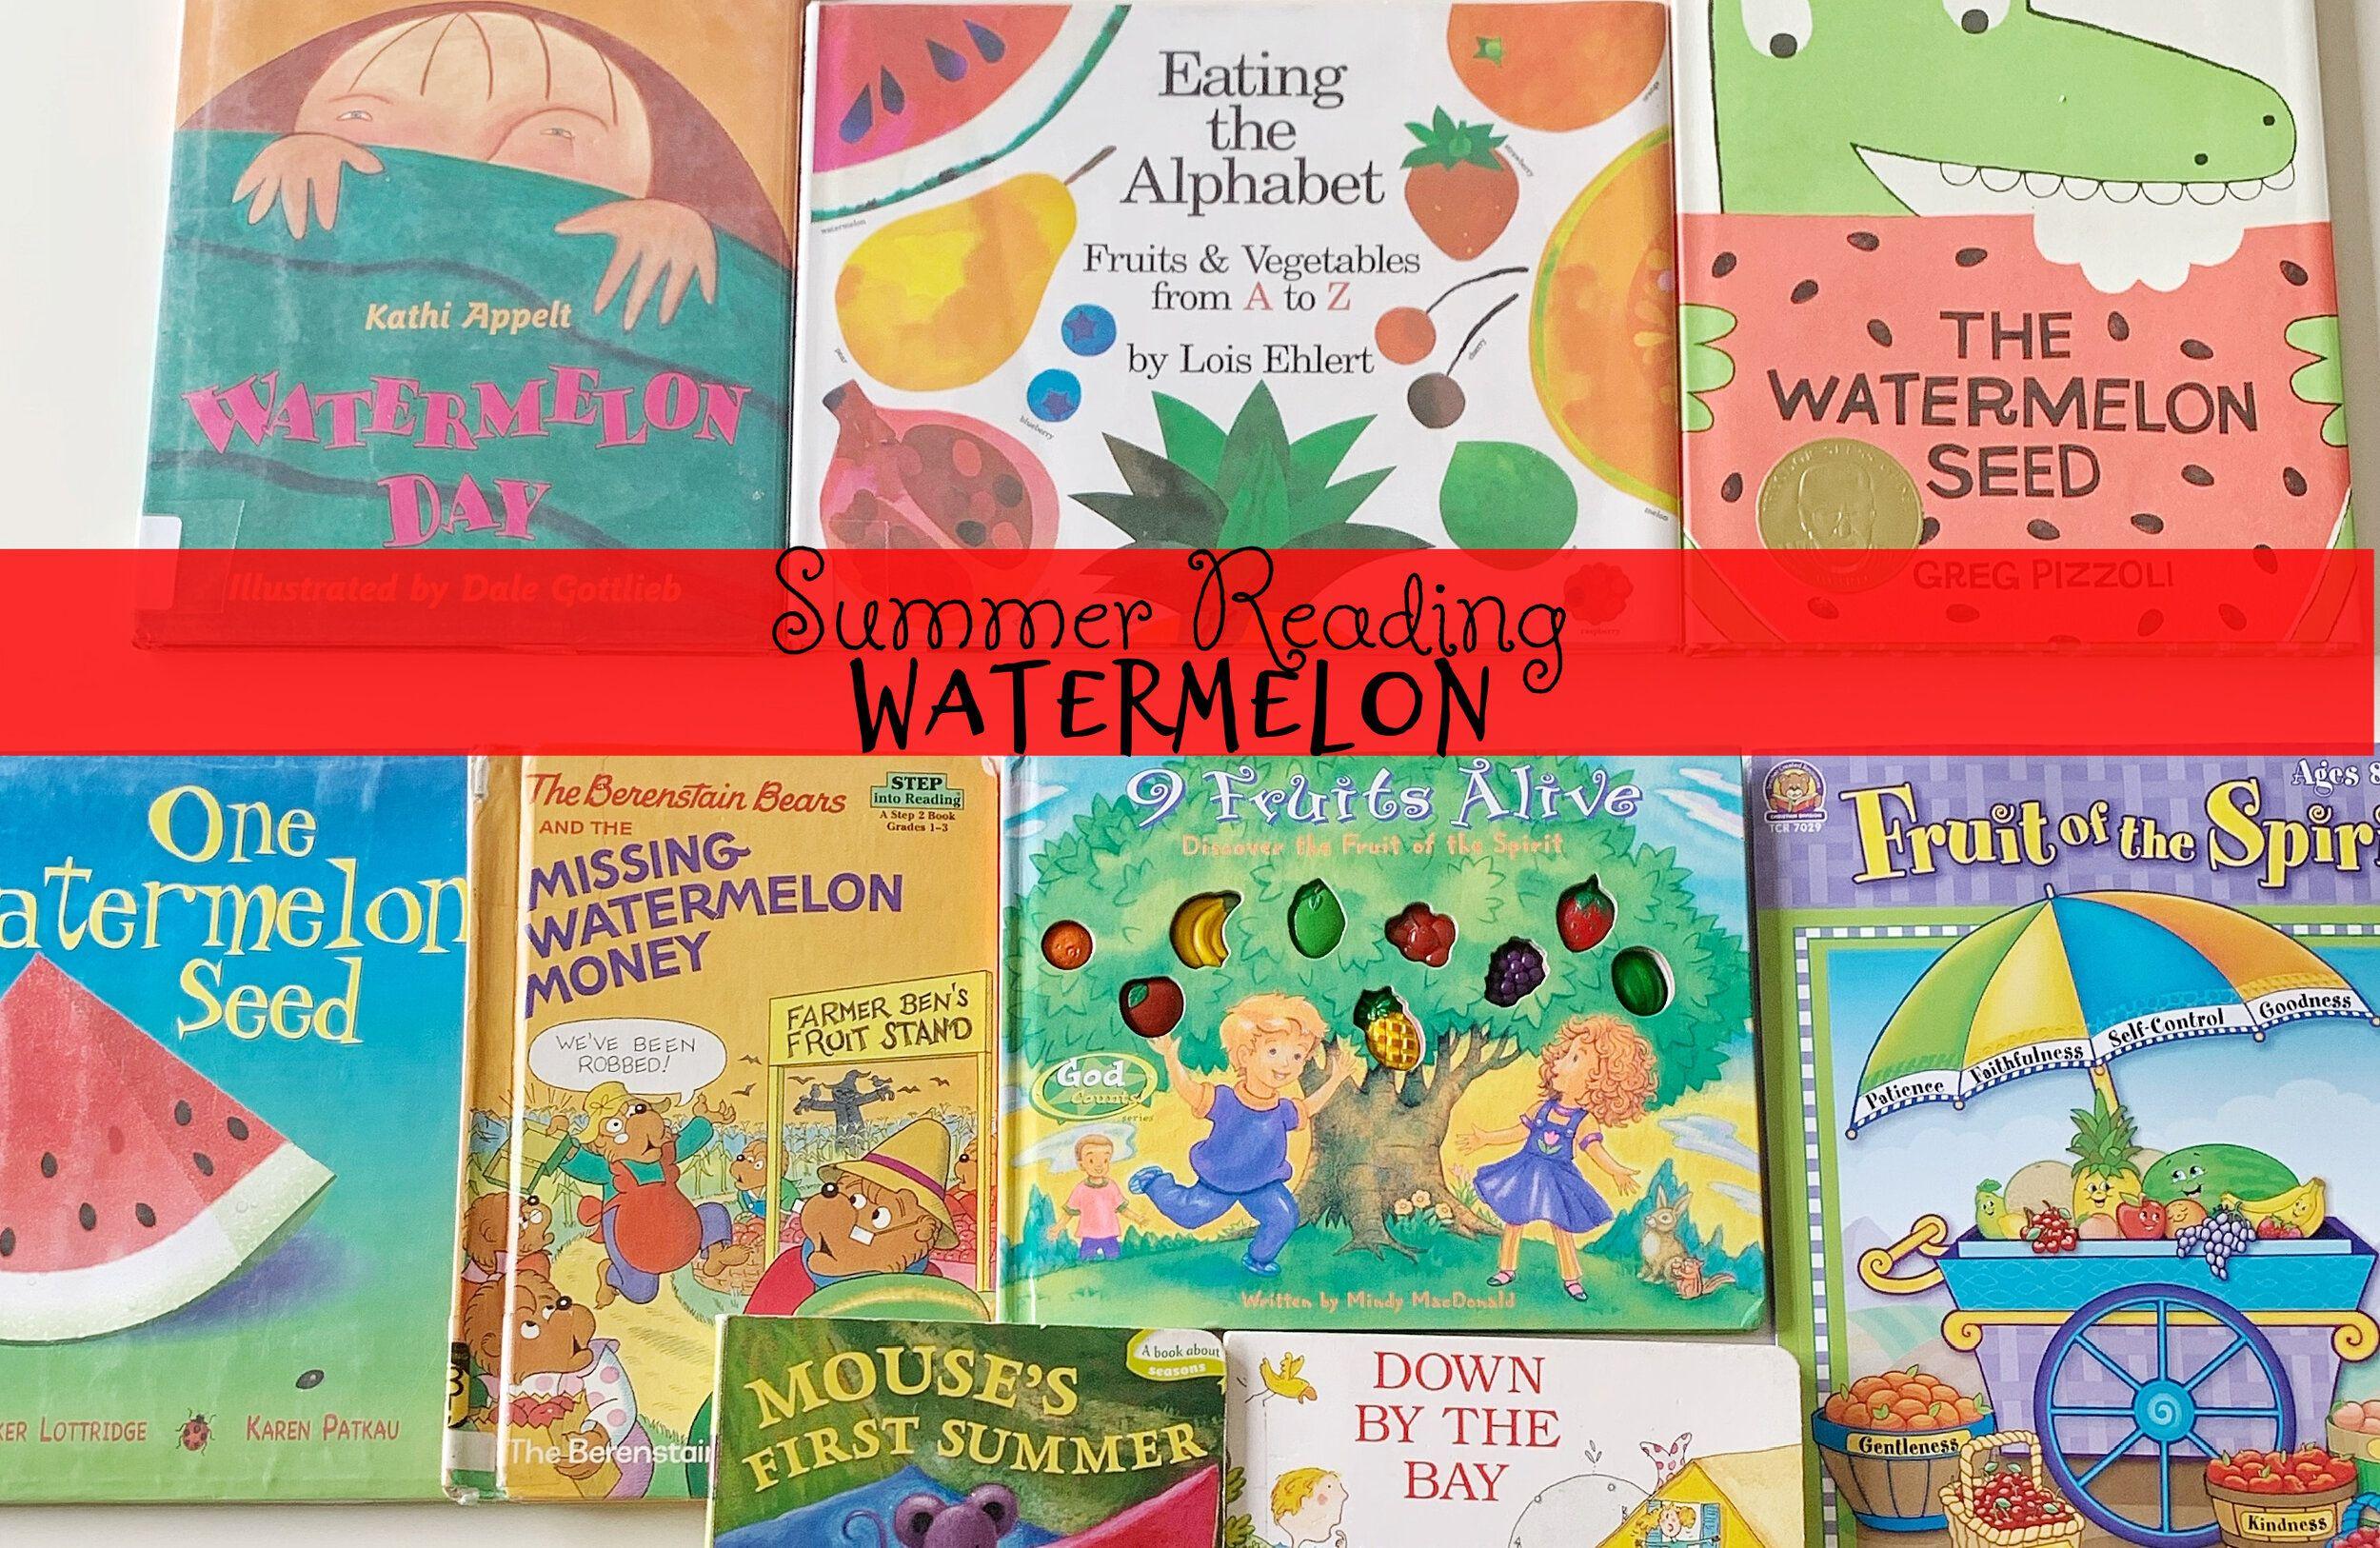 Summer Reading Watermelon Alison Davitt Https Alisondavitt Com Blog Summerreadingwatermelon Summer Reading Kid Friendly Activities Color Activities [ 1626 x 2500 Pixel ]